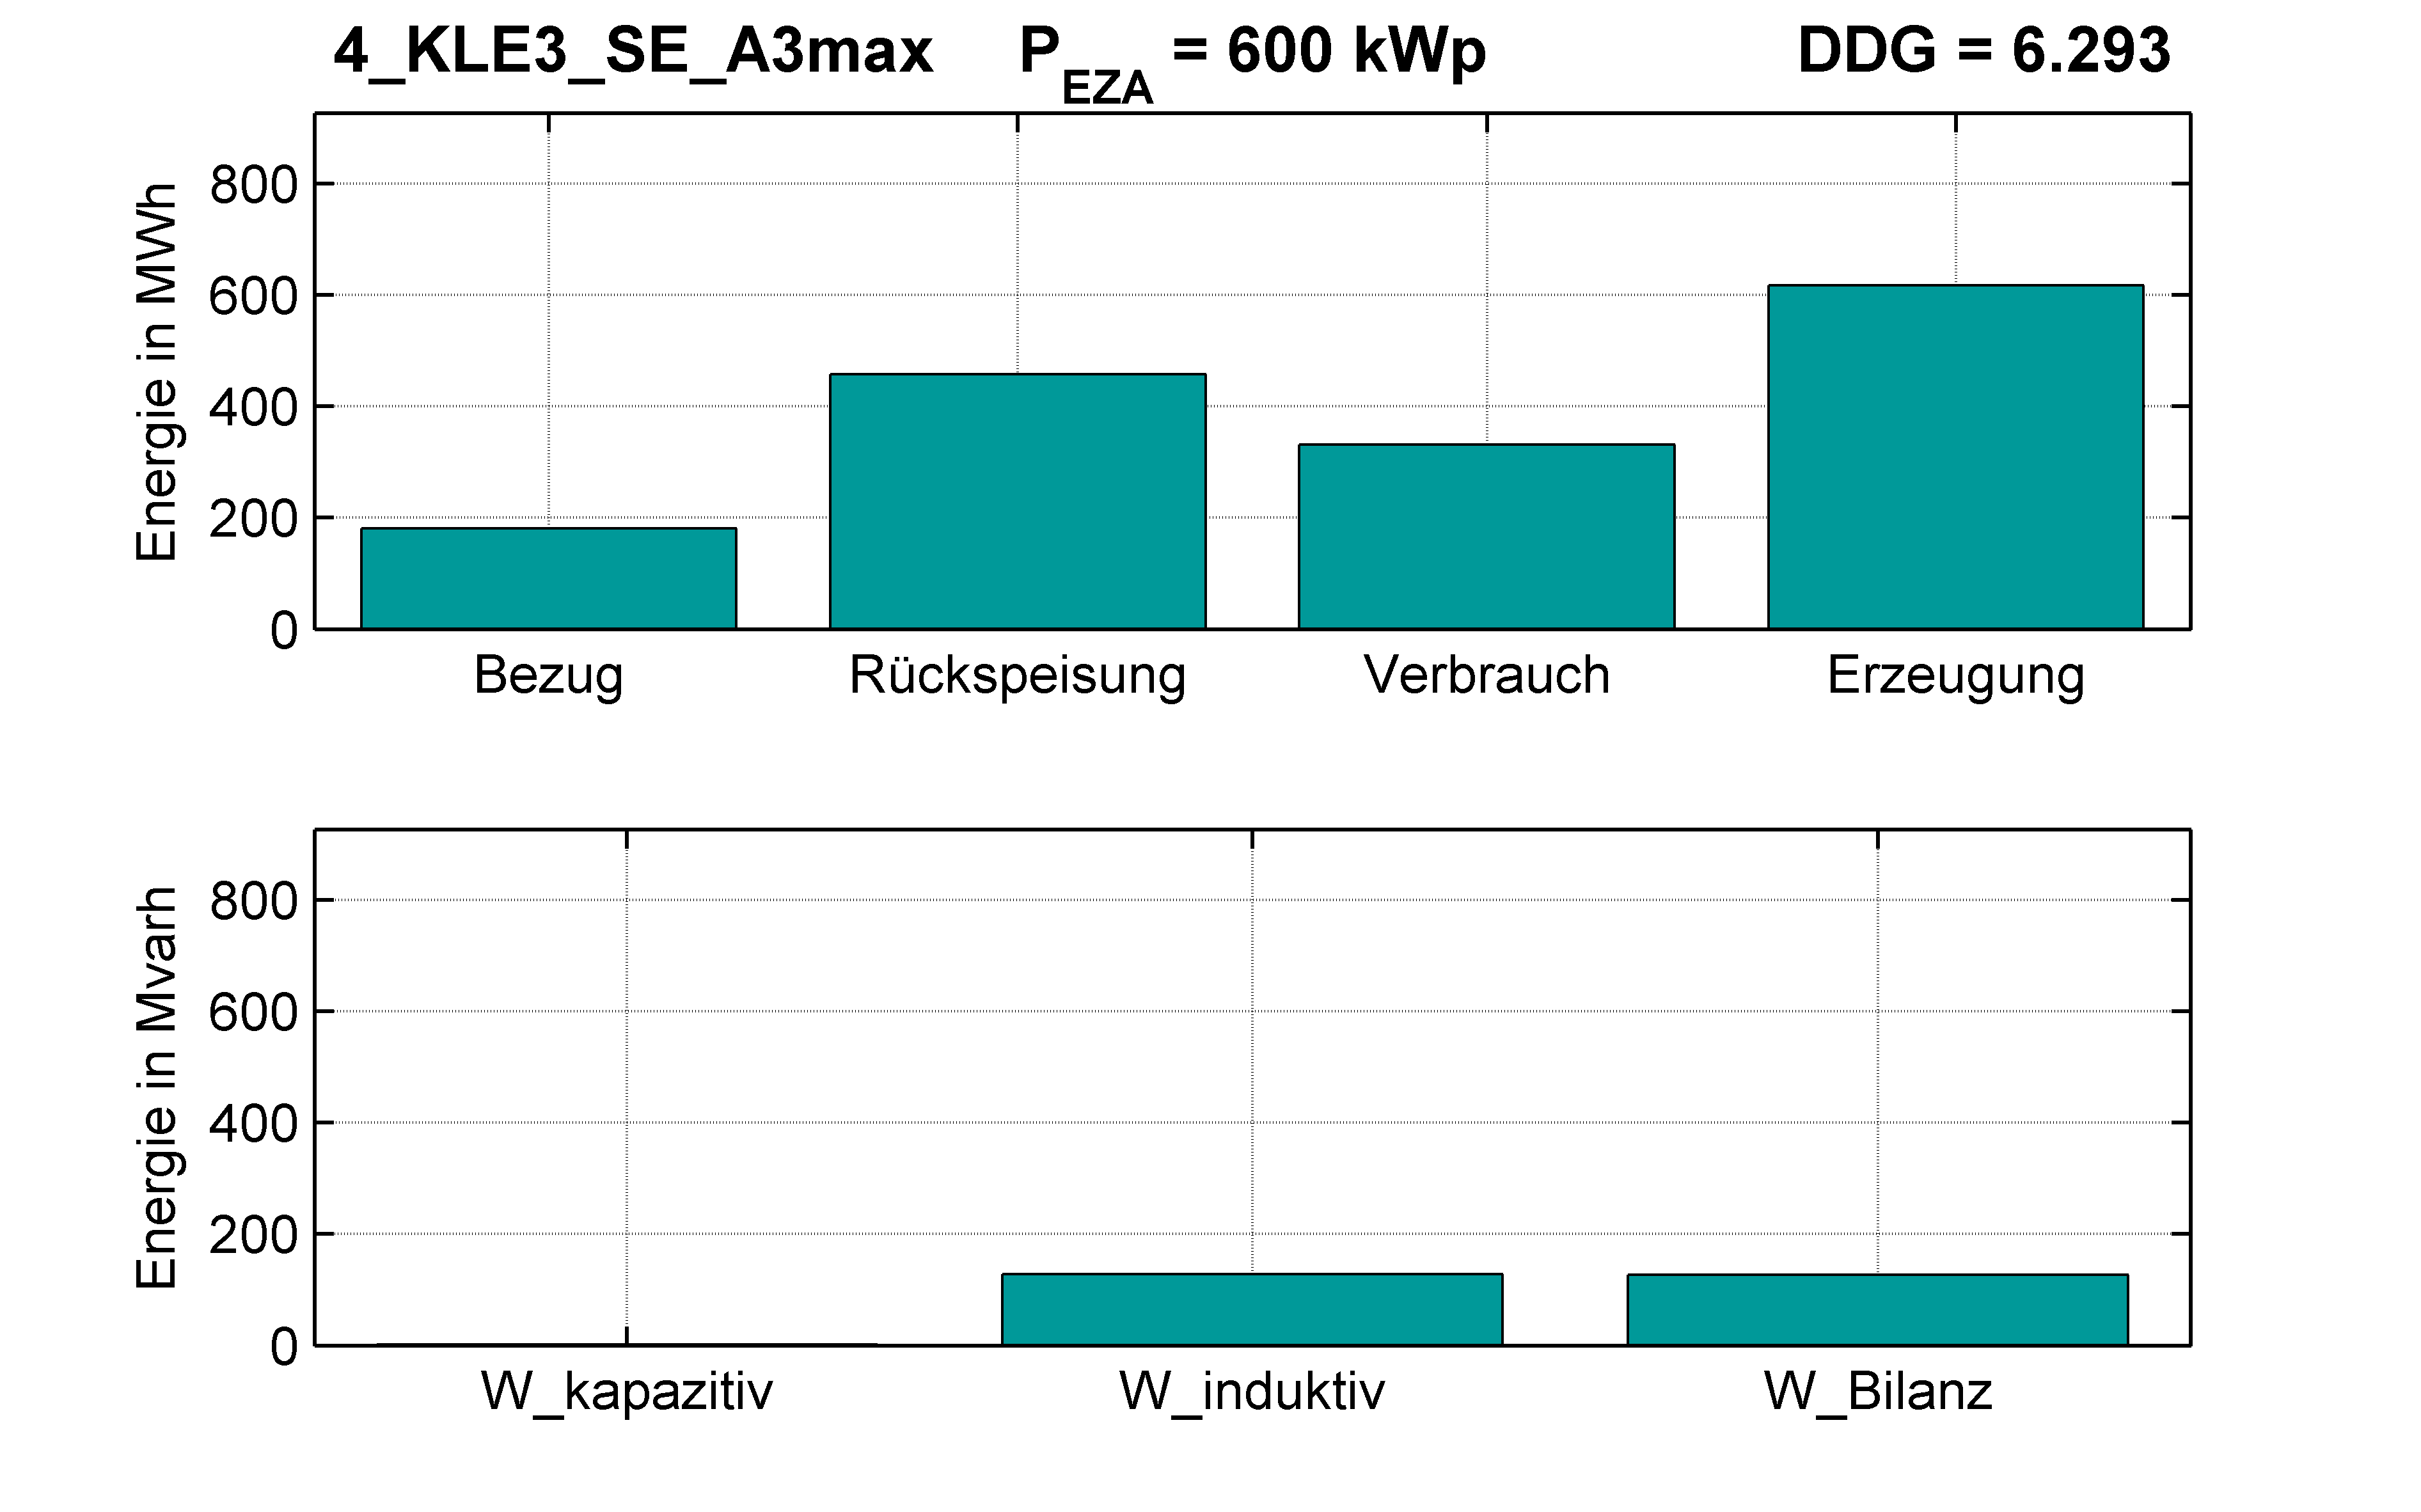 KLE3 | P-Kappung 55% (SE) A3max | PQ-Bilanz